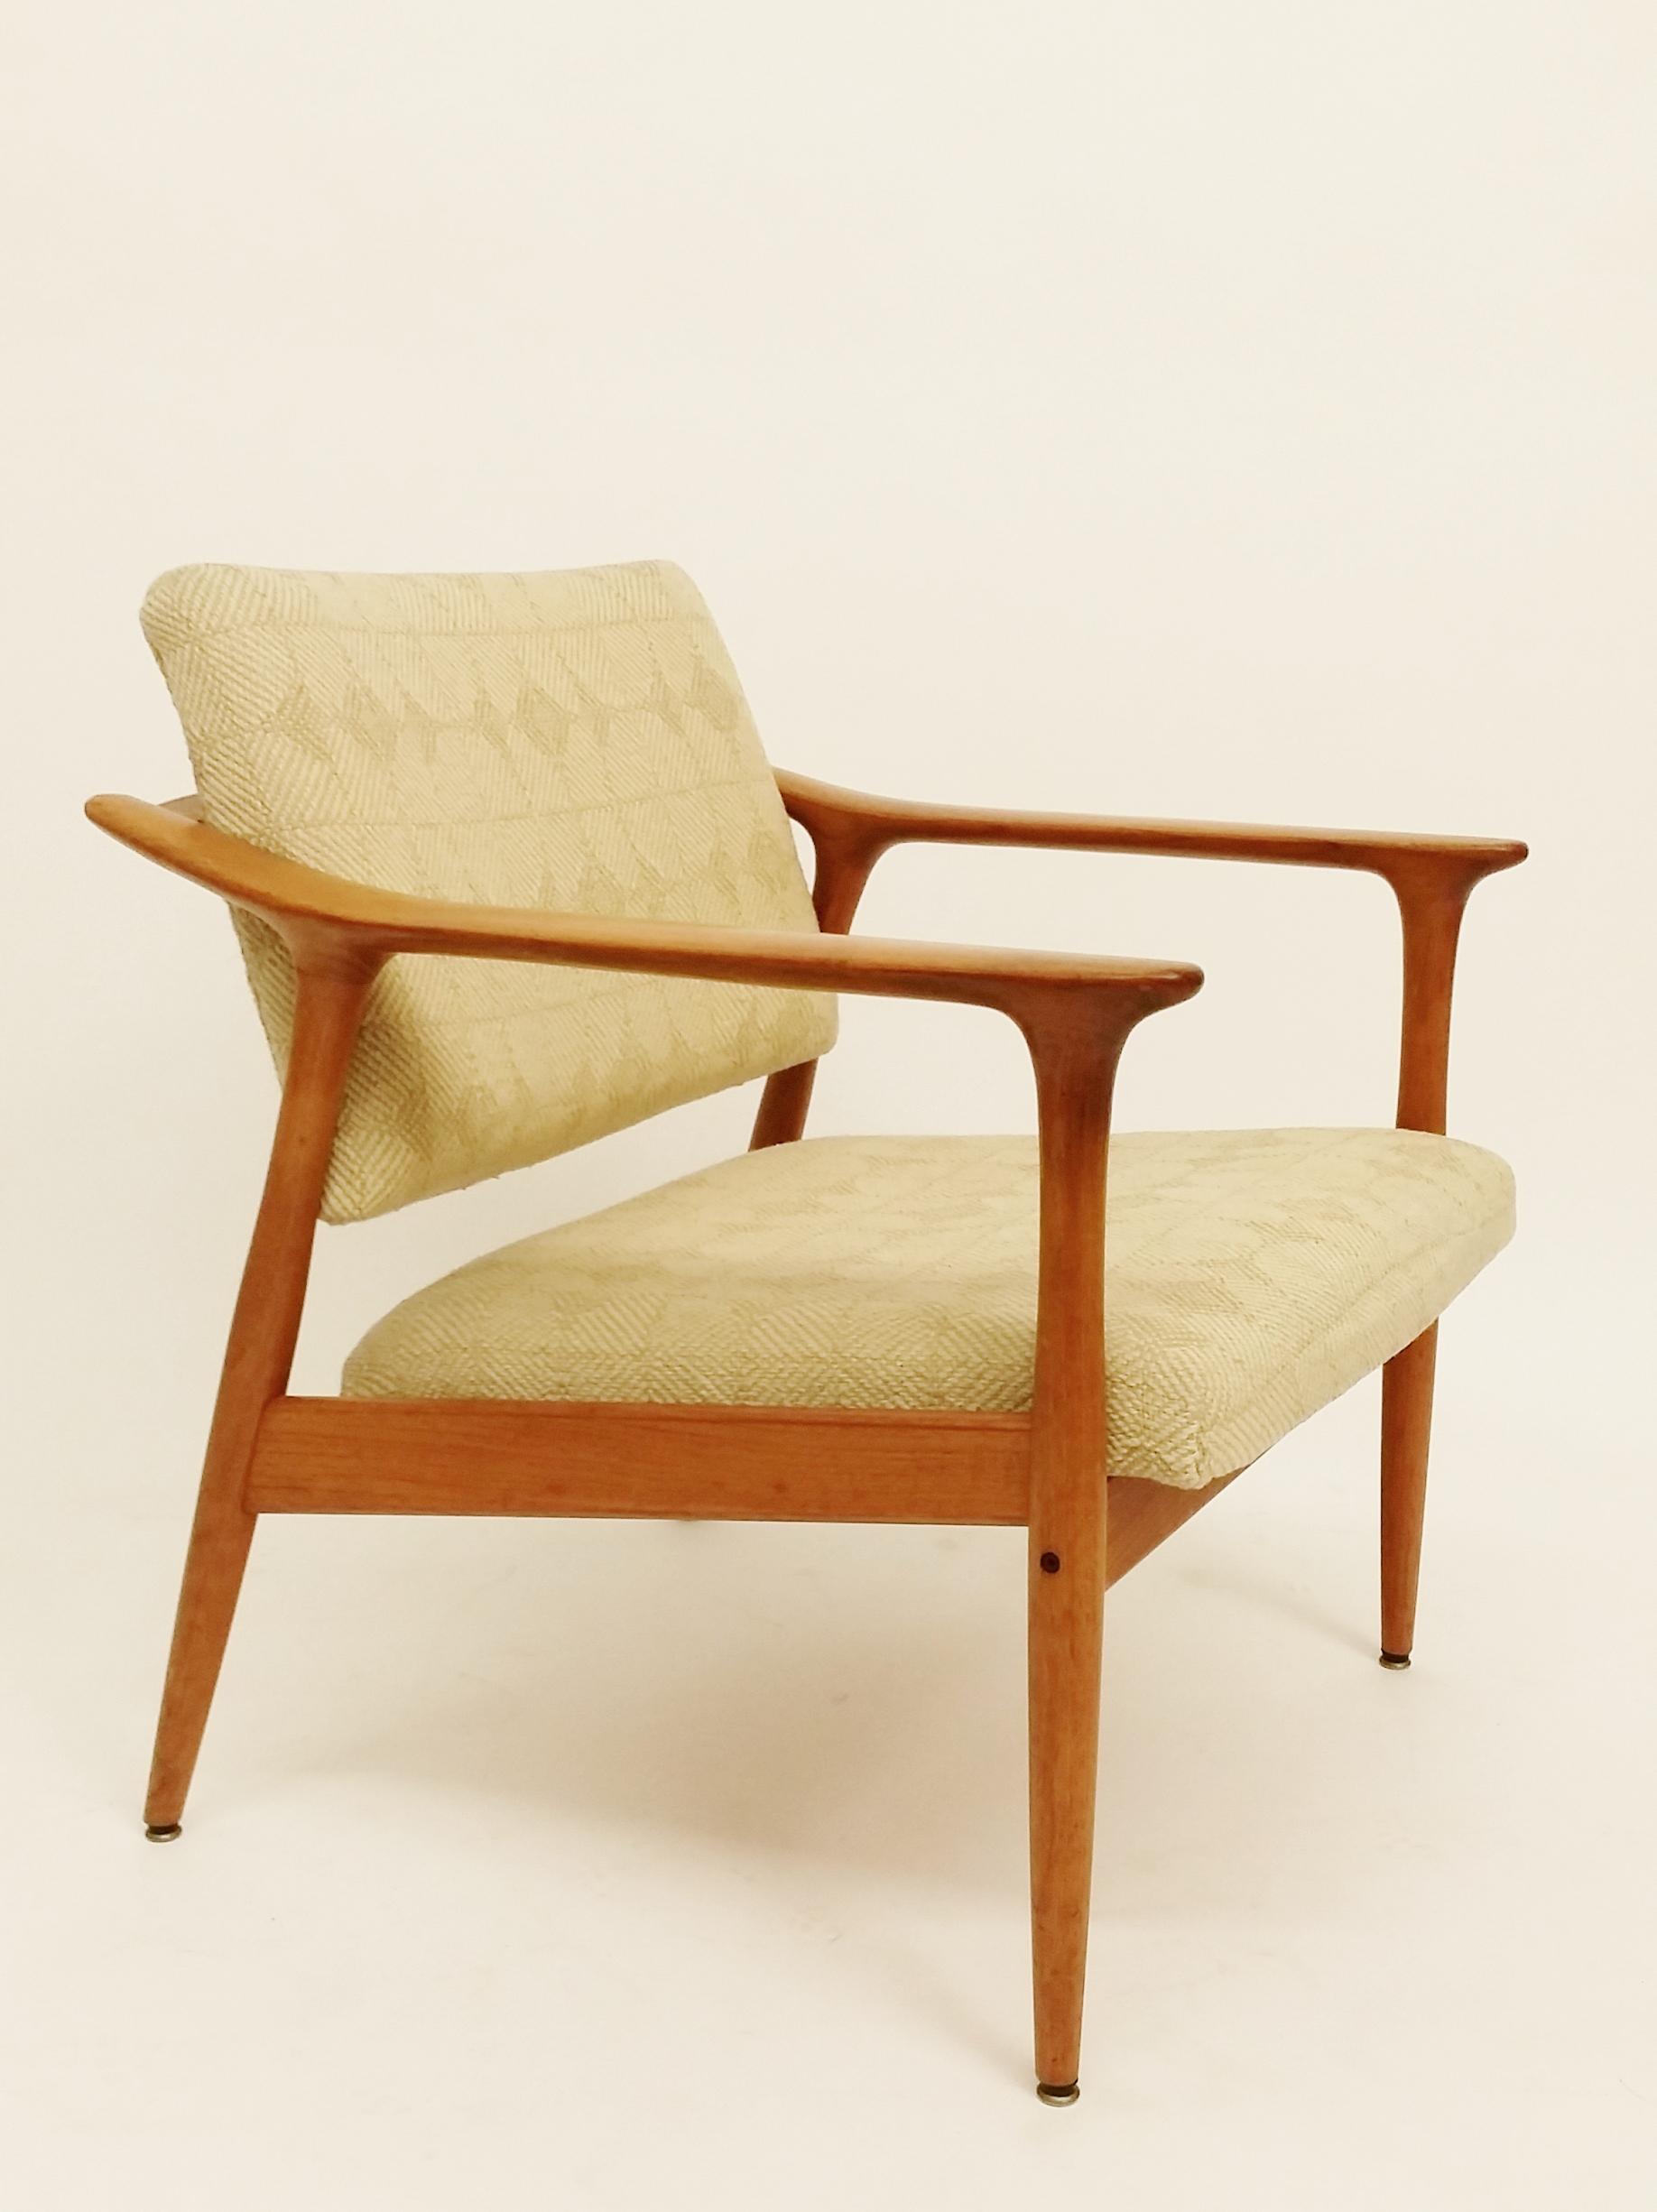 Fredrik Kayser teak armchair